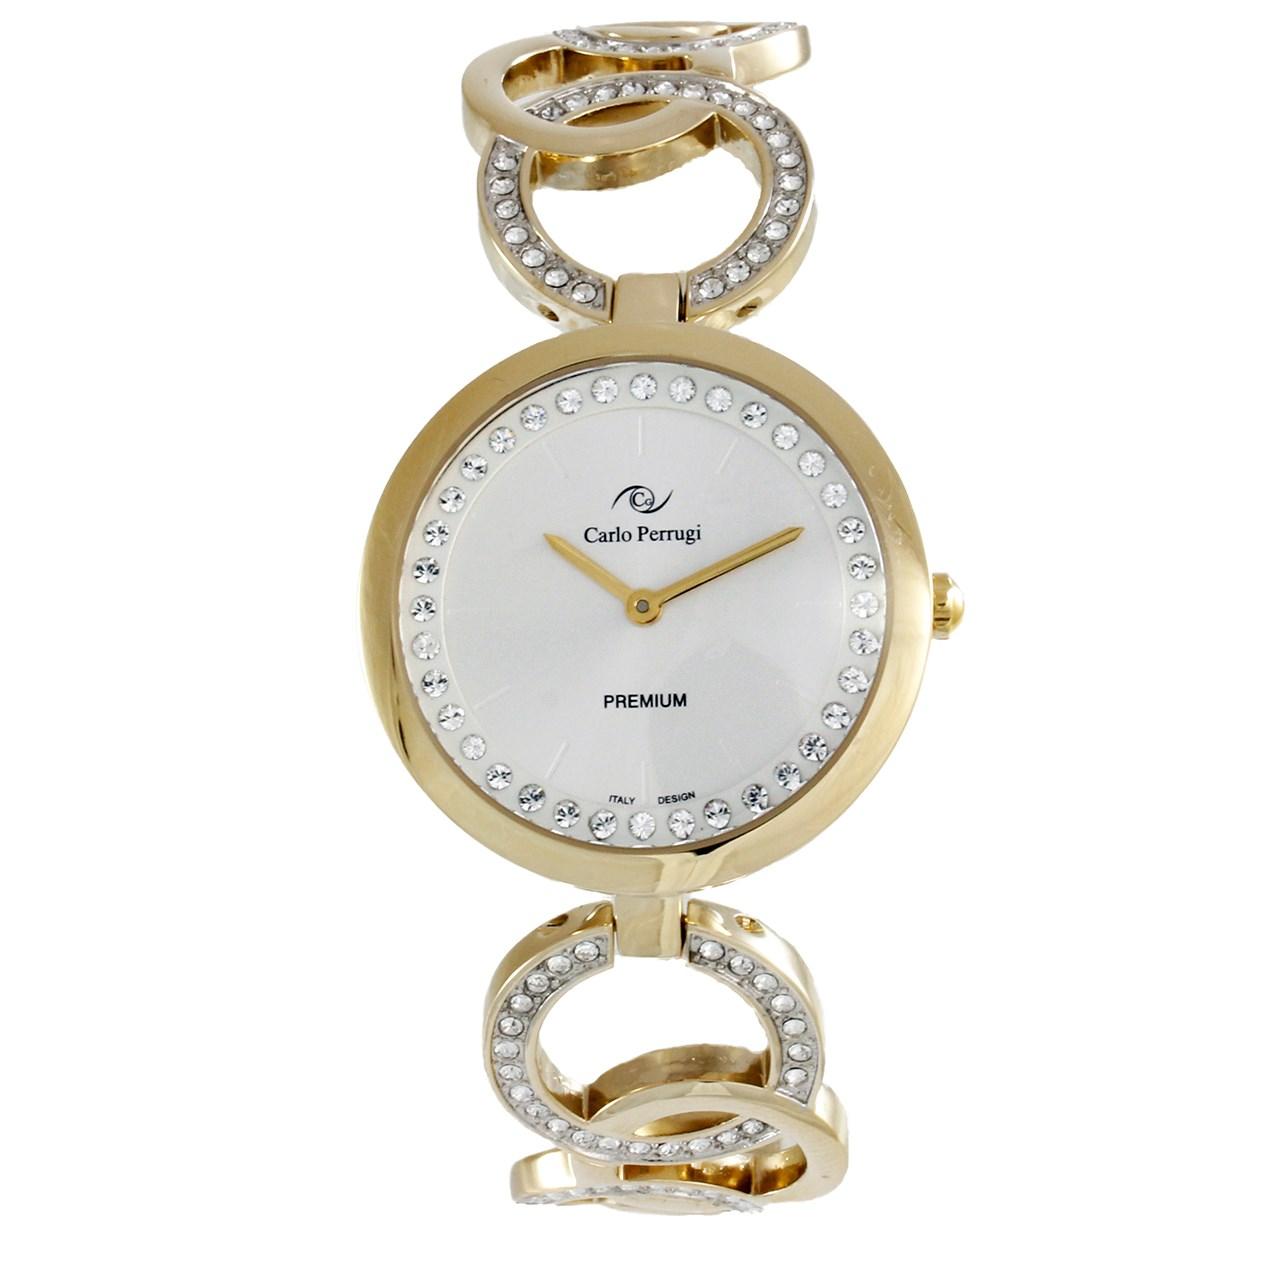 ساعت مچی عقربه ای زنانه کارلو پروجی مدل SL2022-1 40